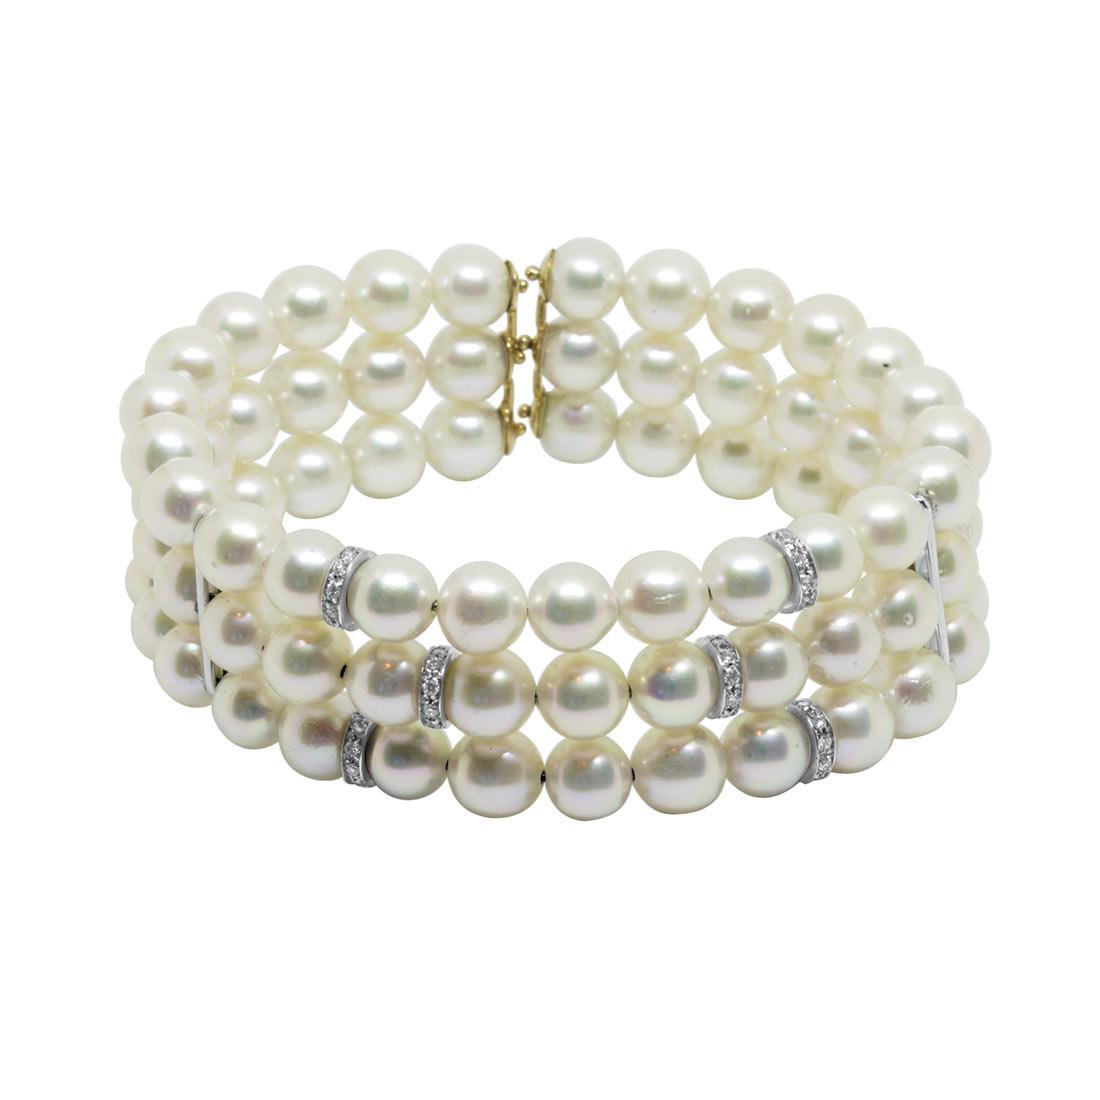 Bracciale rigido con tre fili di perle, inserti con diamanti - ORO&CO